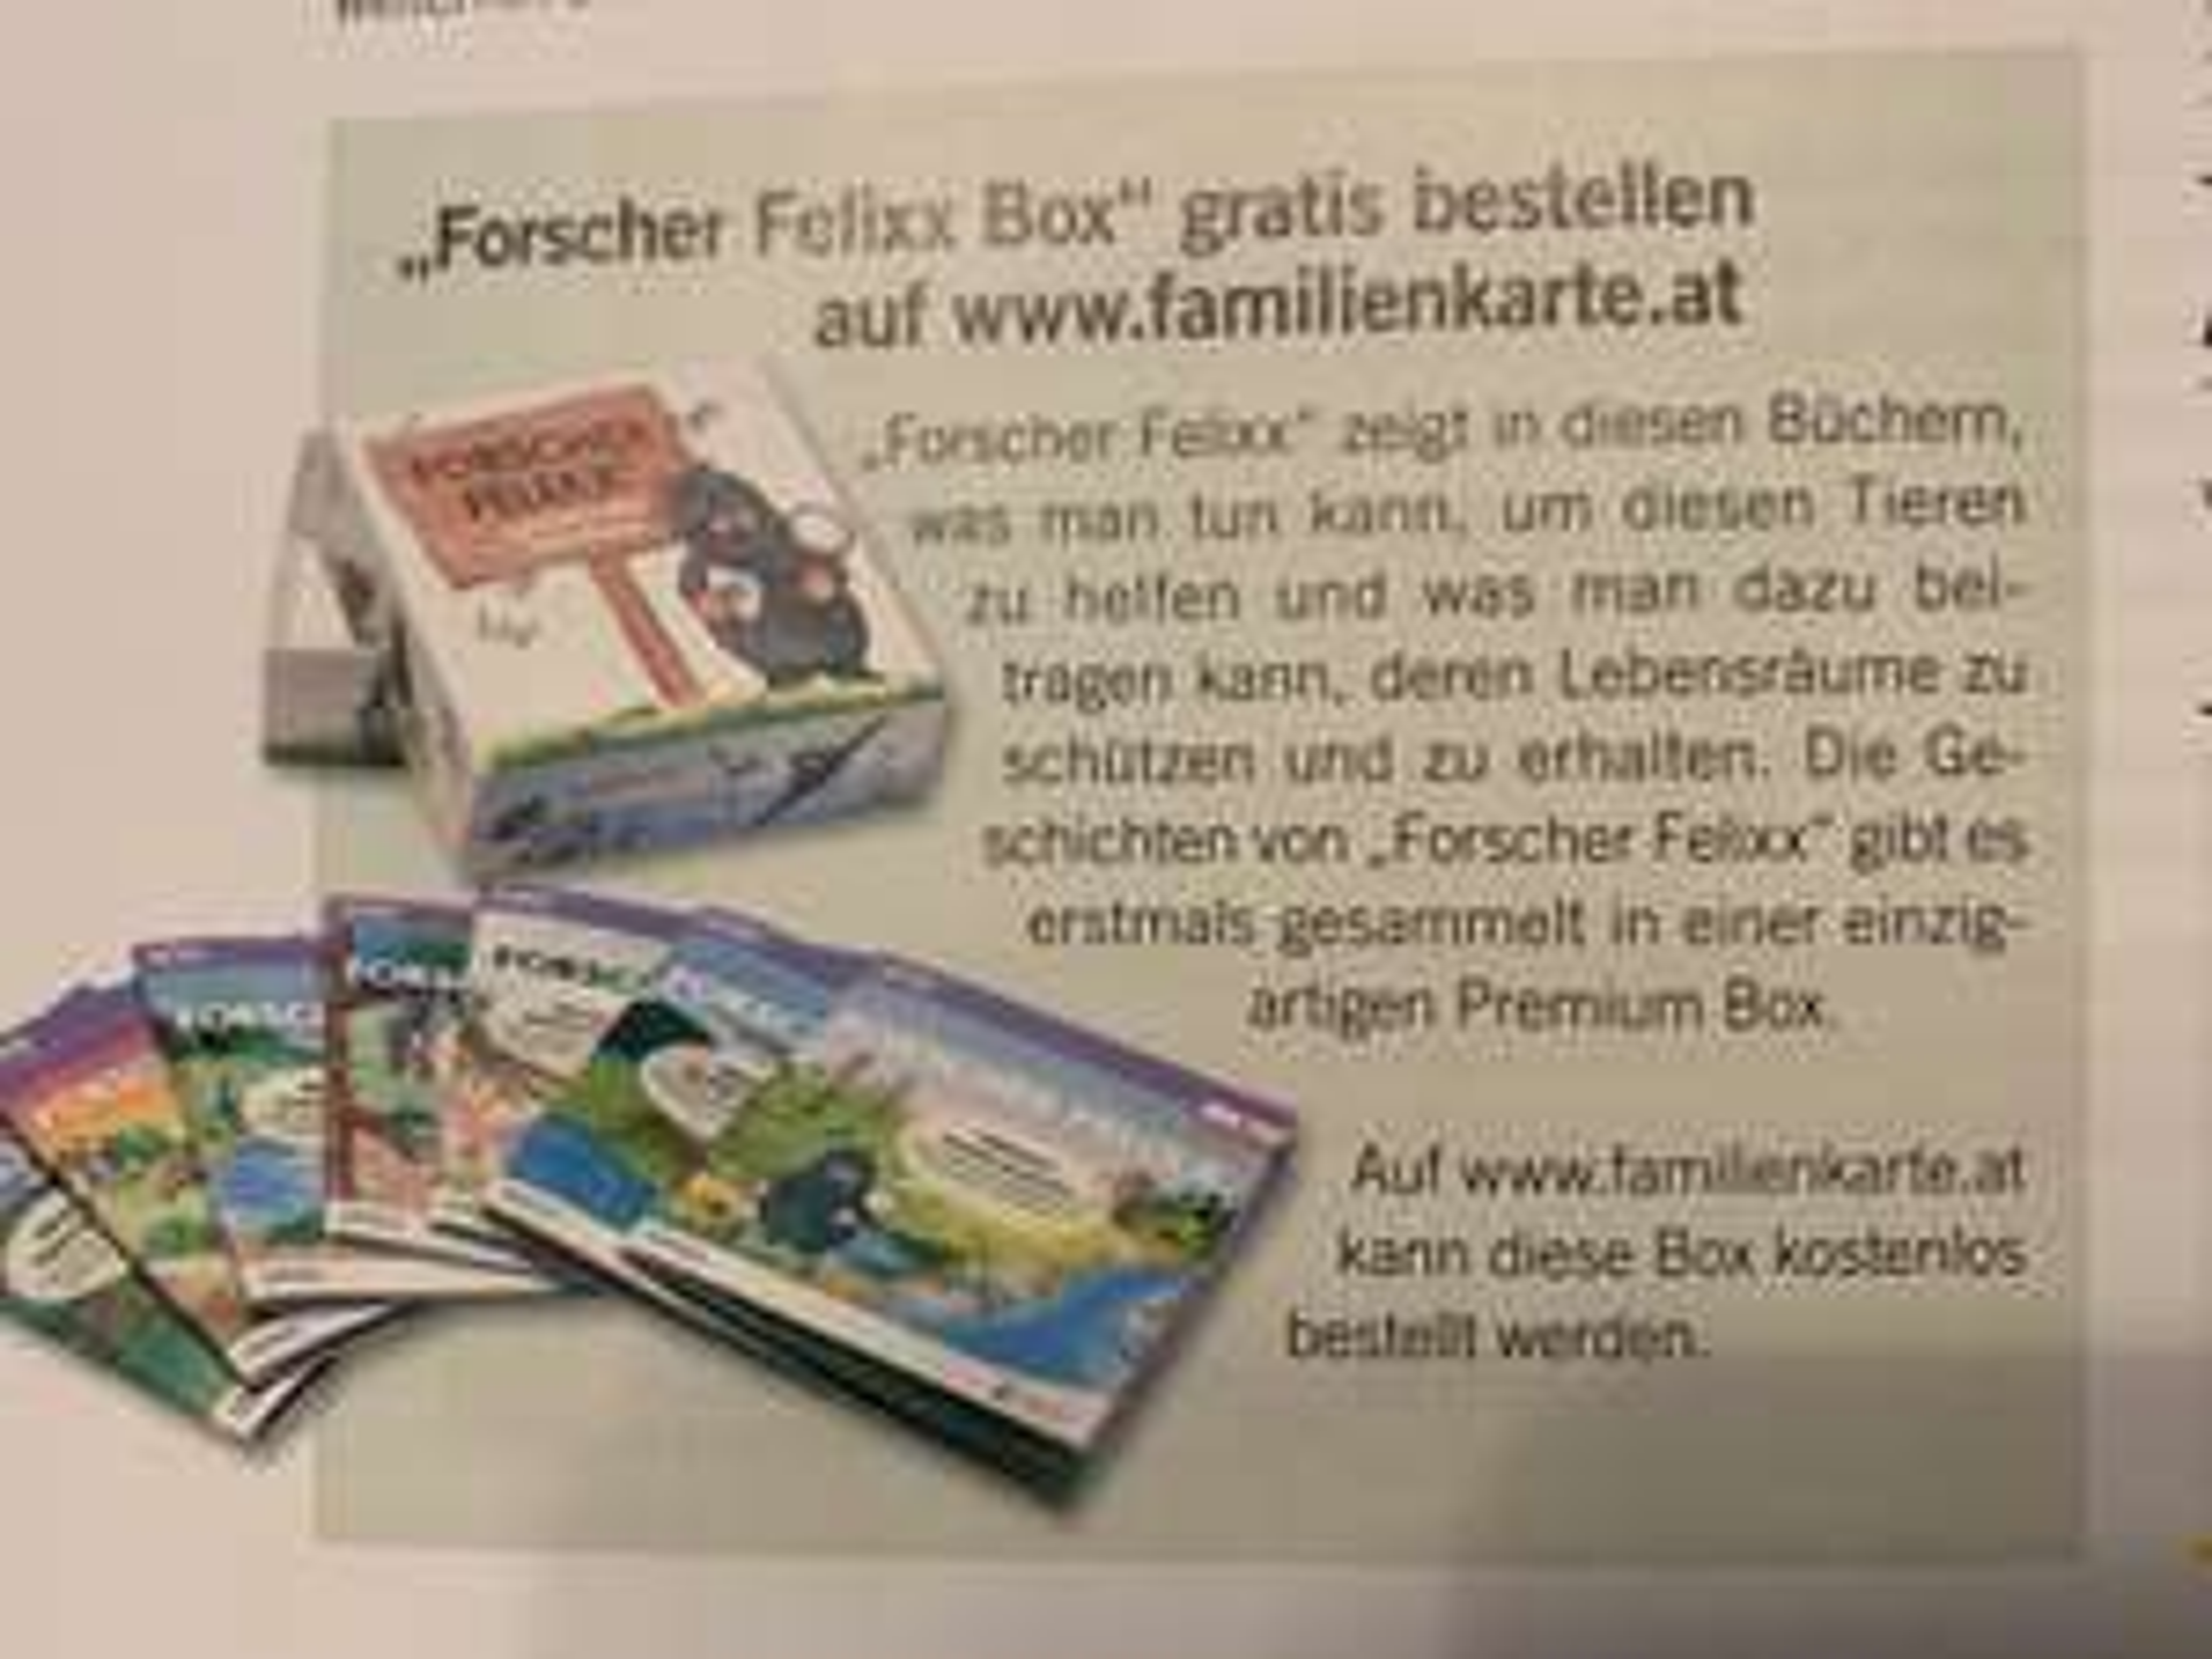 Forscher Felixx Box gratis